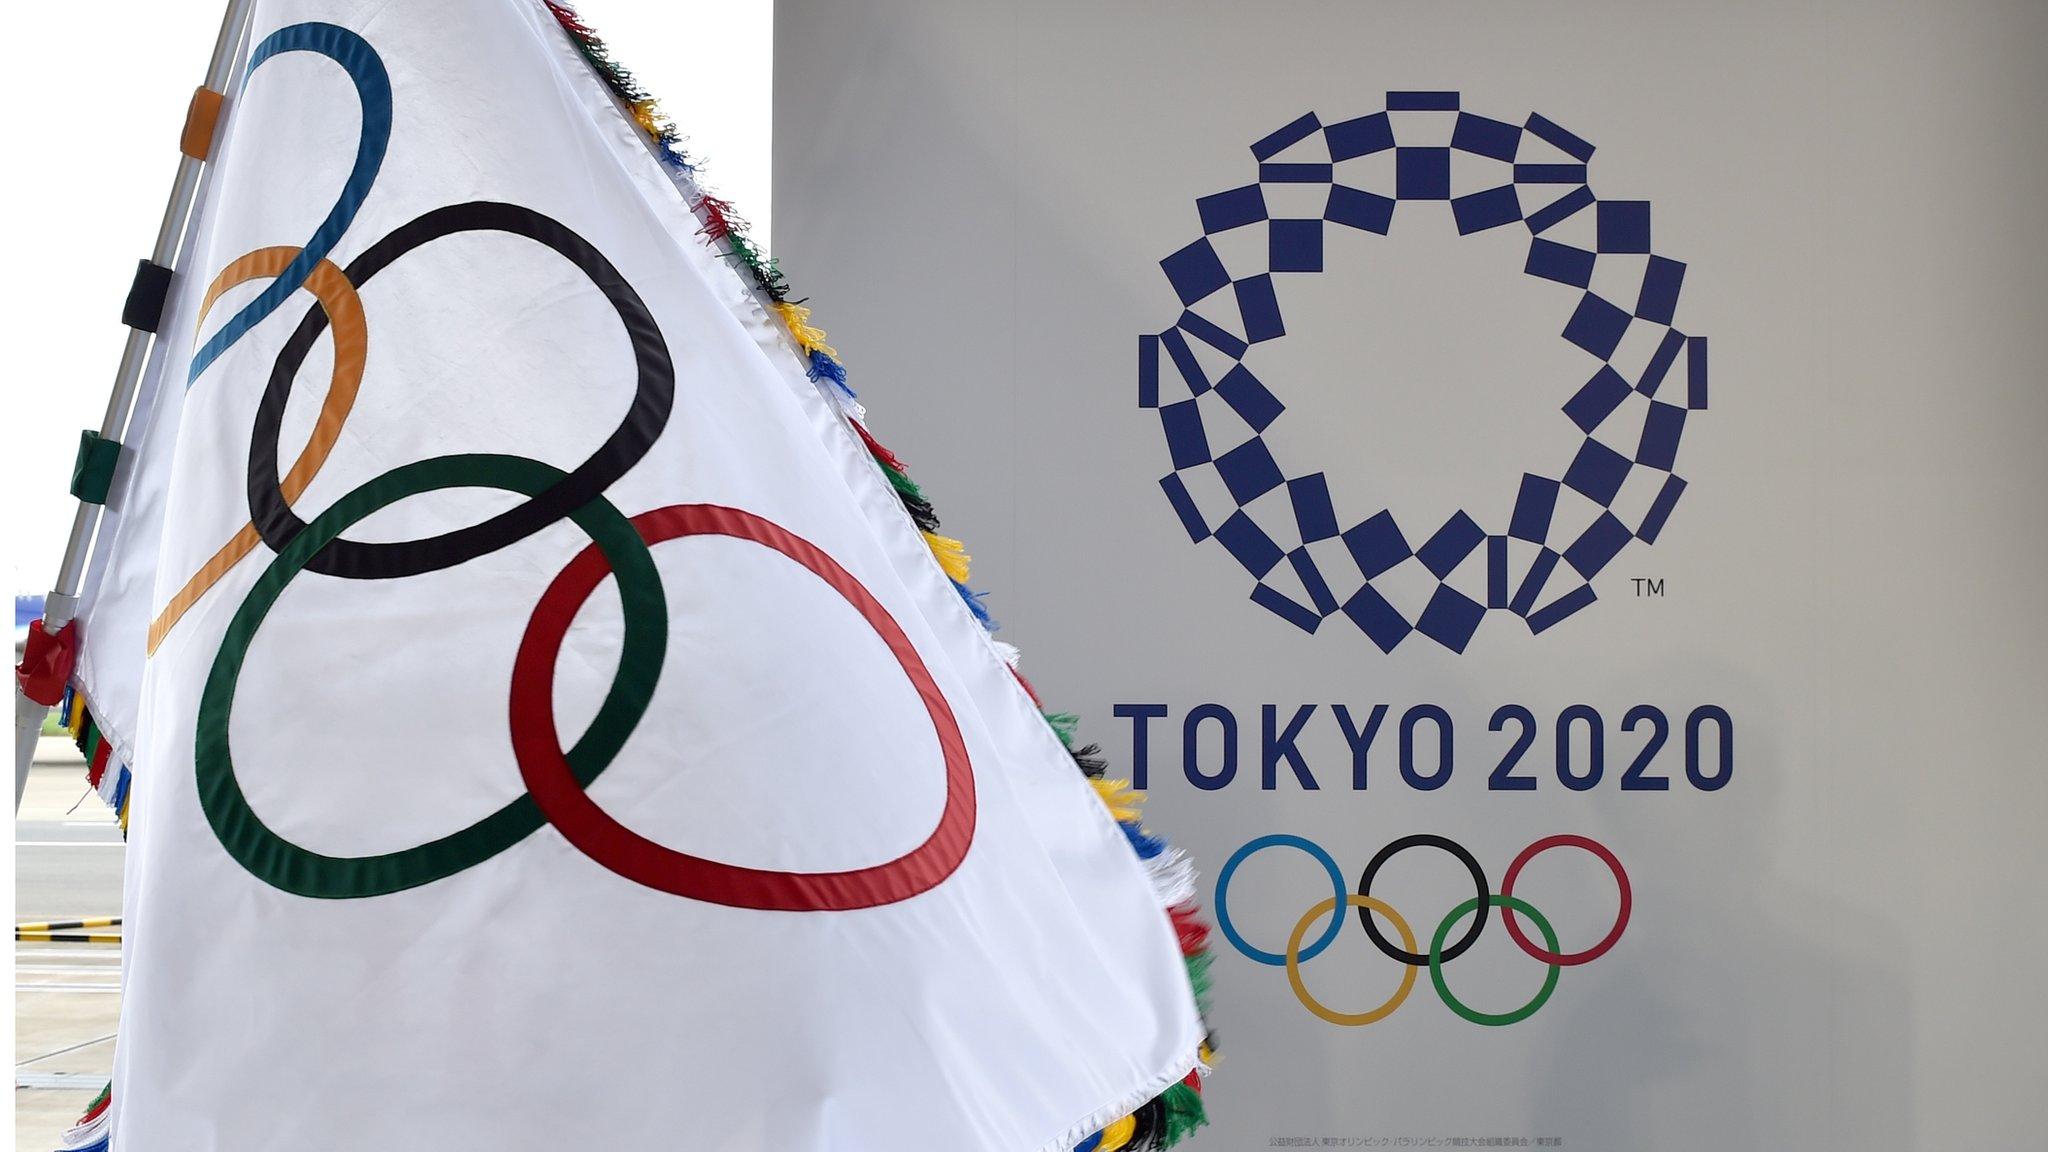 تواصل الاستعدادات لانطلاق أولمبياد طوكيو